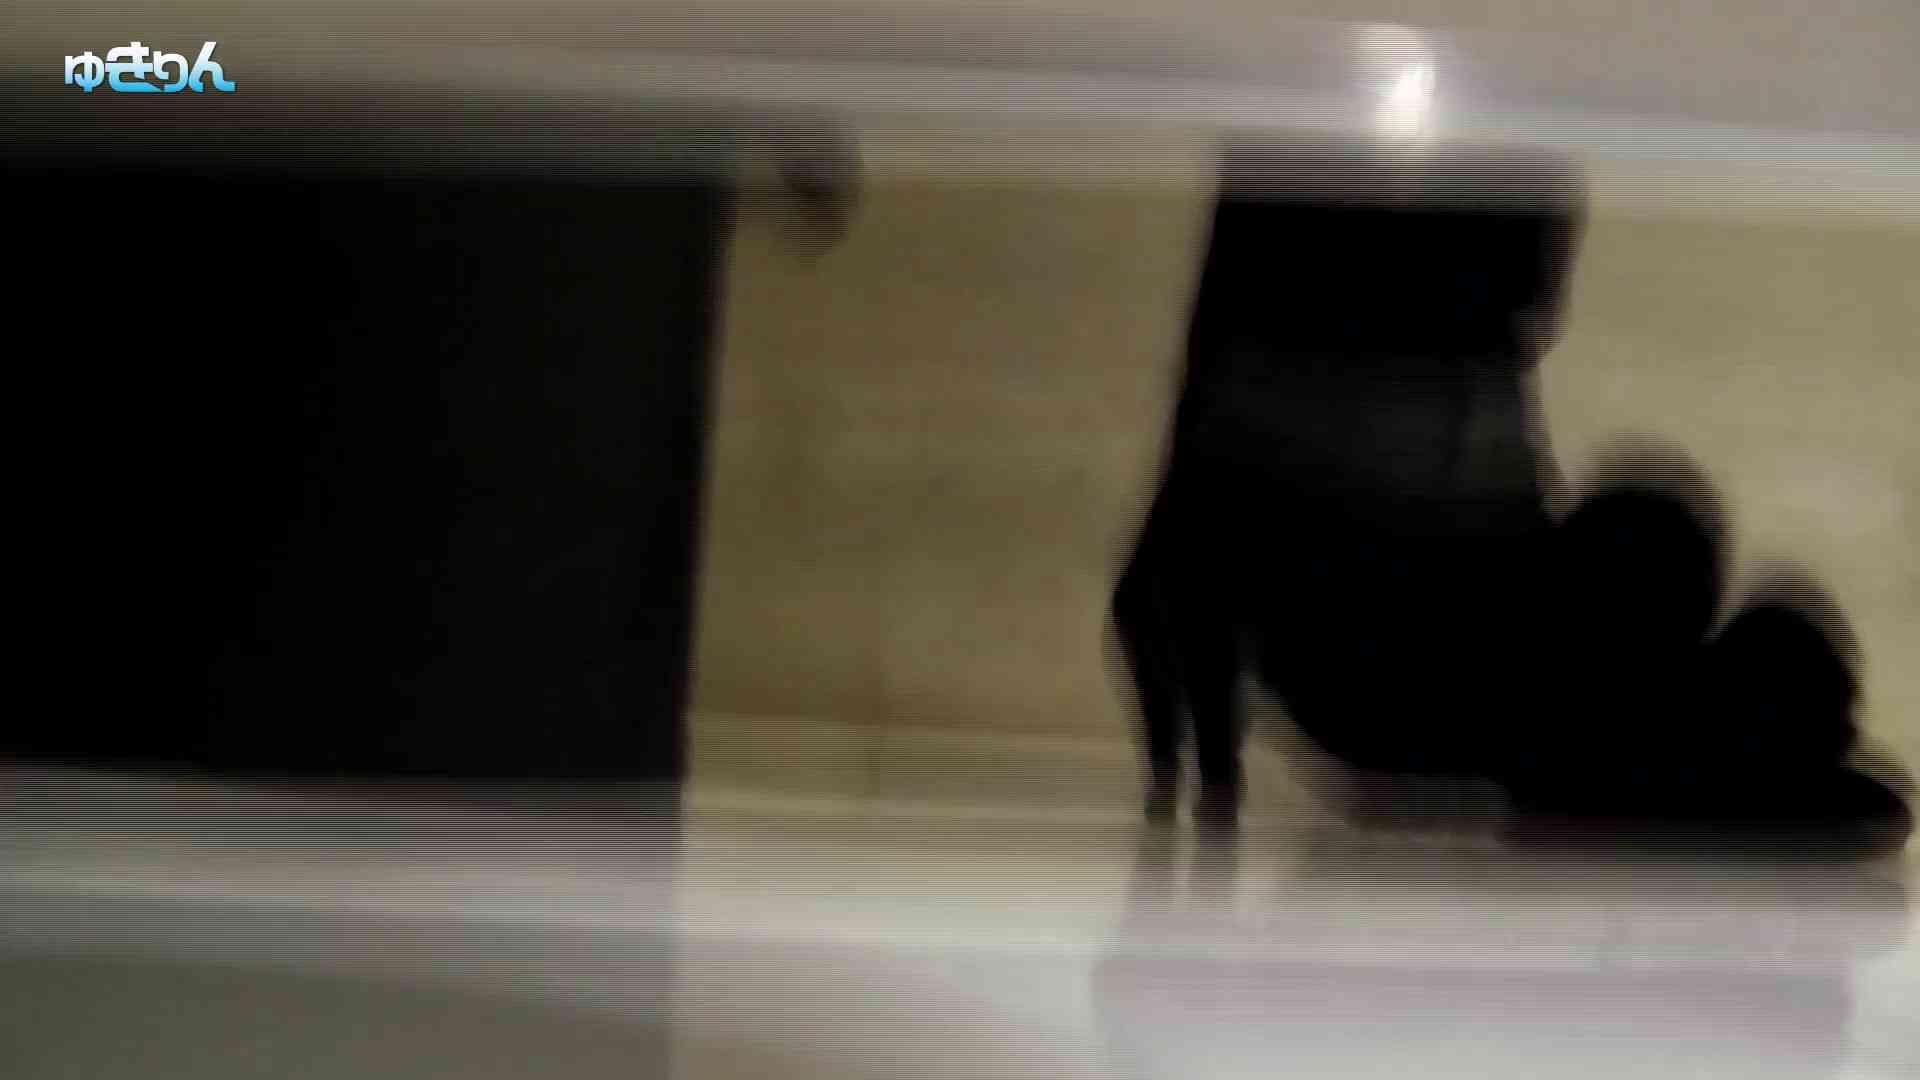 新世界の射窓 No82 新たな場所への挑戦、思わぬ、美女が隣に入ってくれた。 洗面所  78pic 51